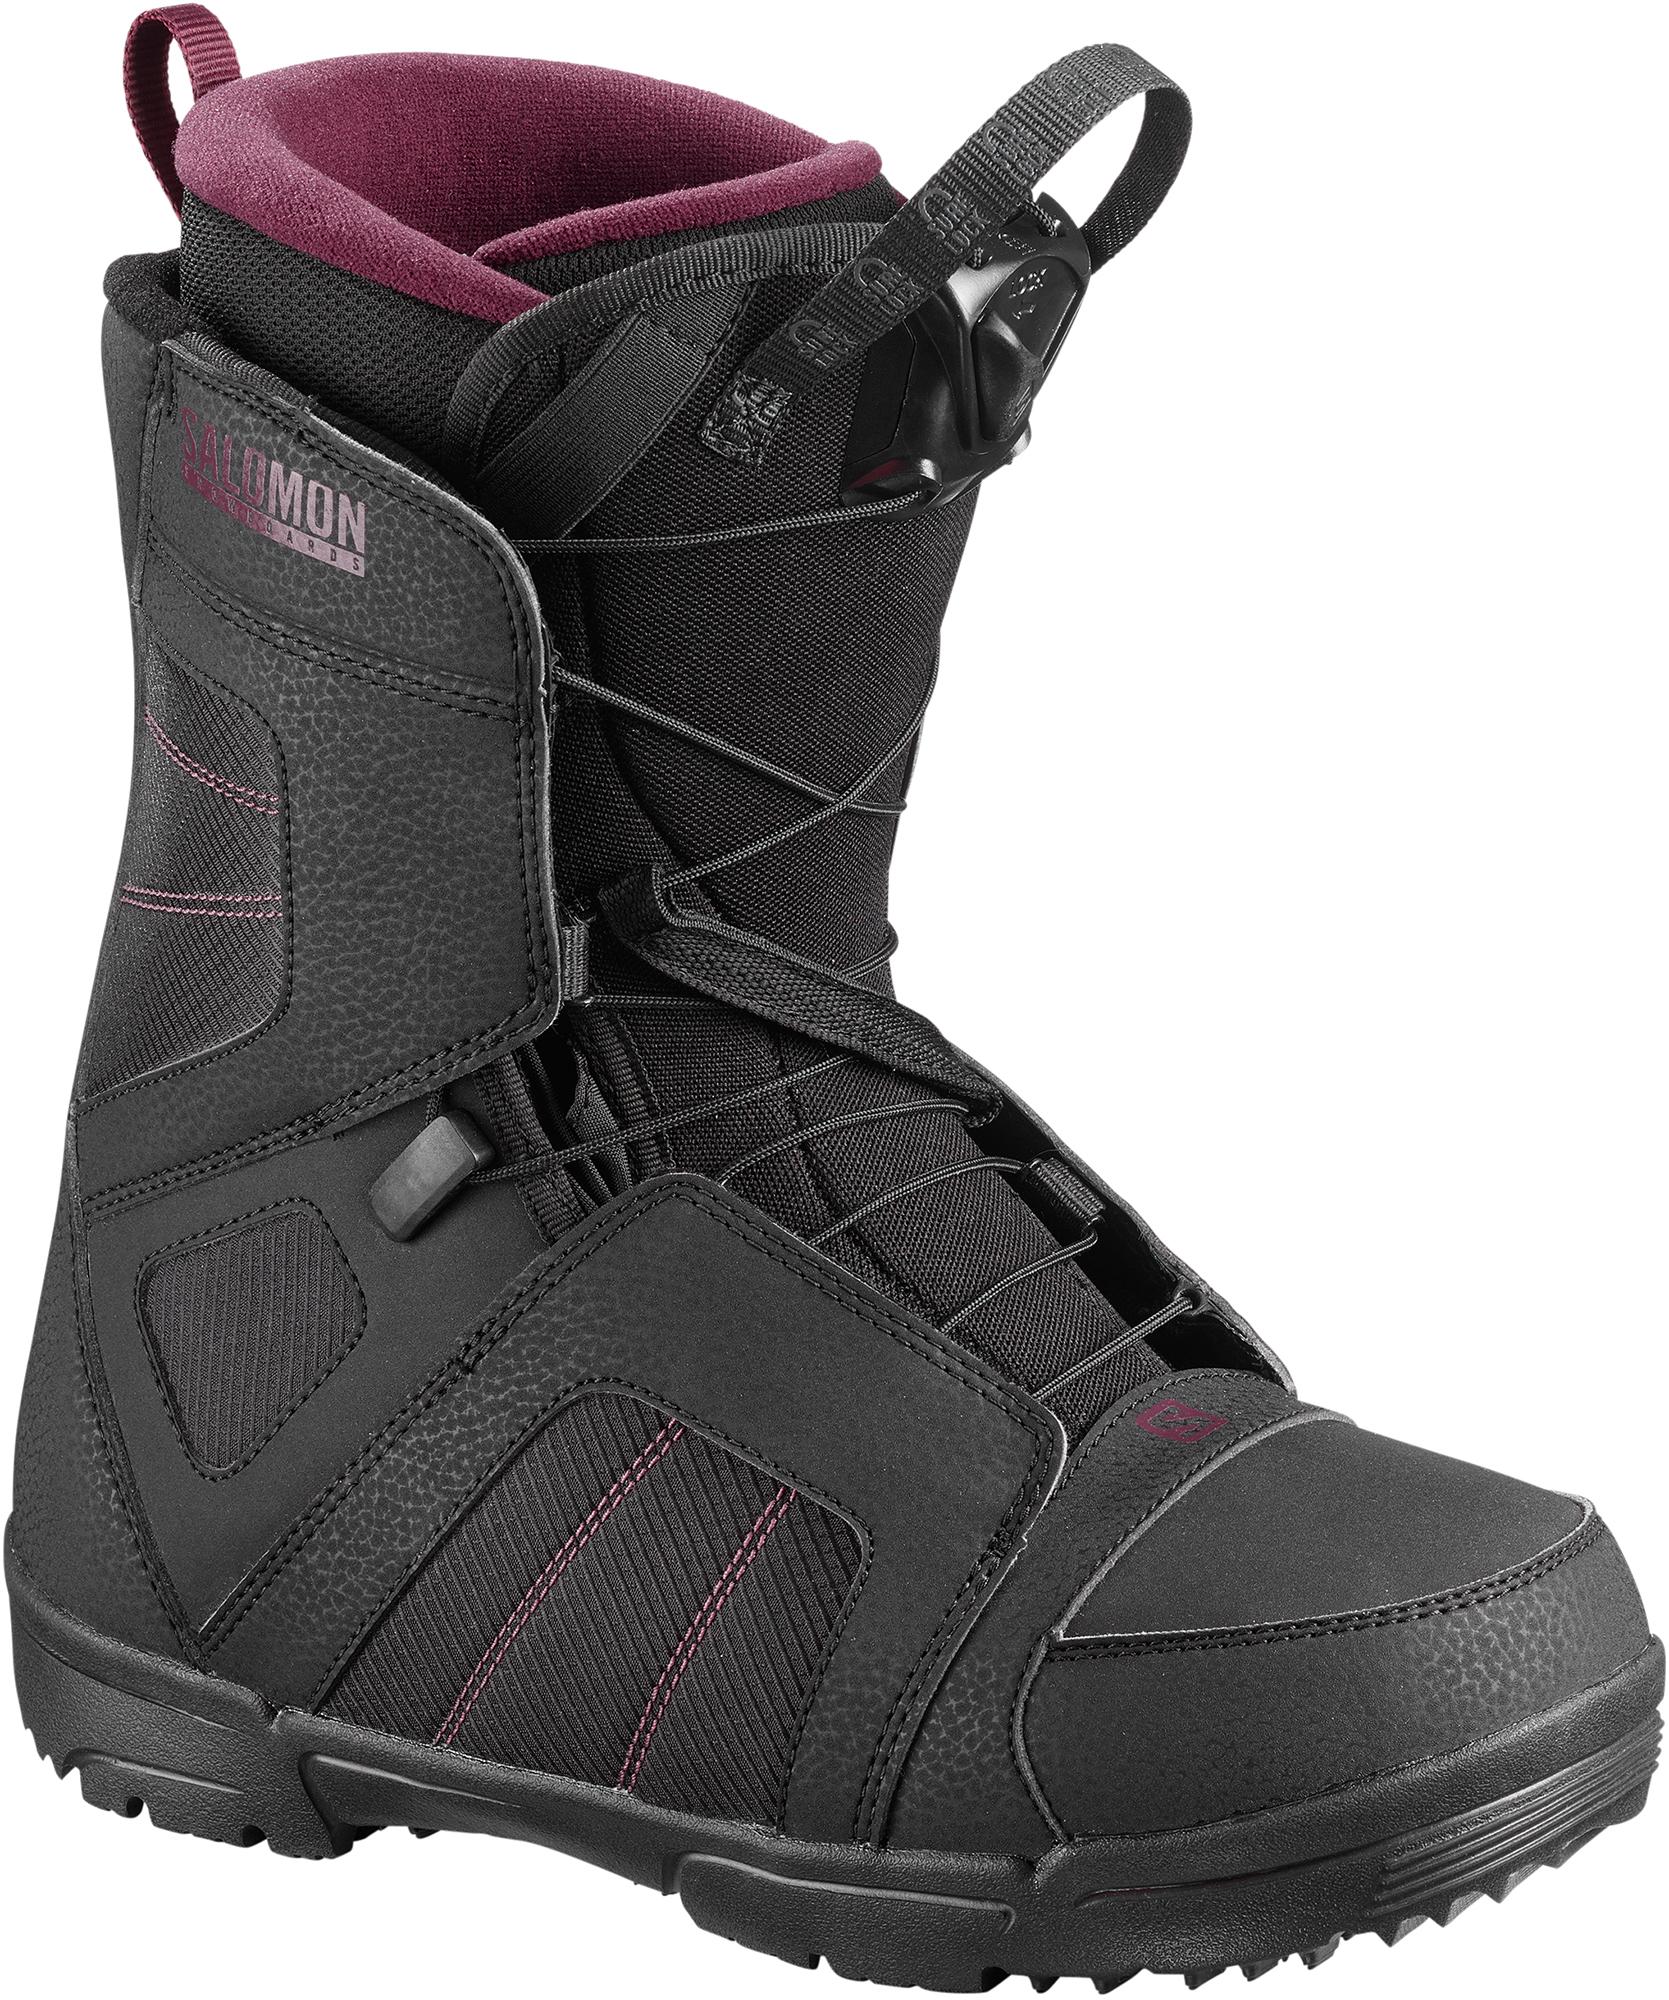 Salomon Сноубордические ботинки женские Salomon Scarlet, размер 36,5 цена